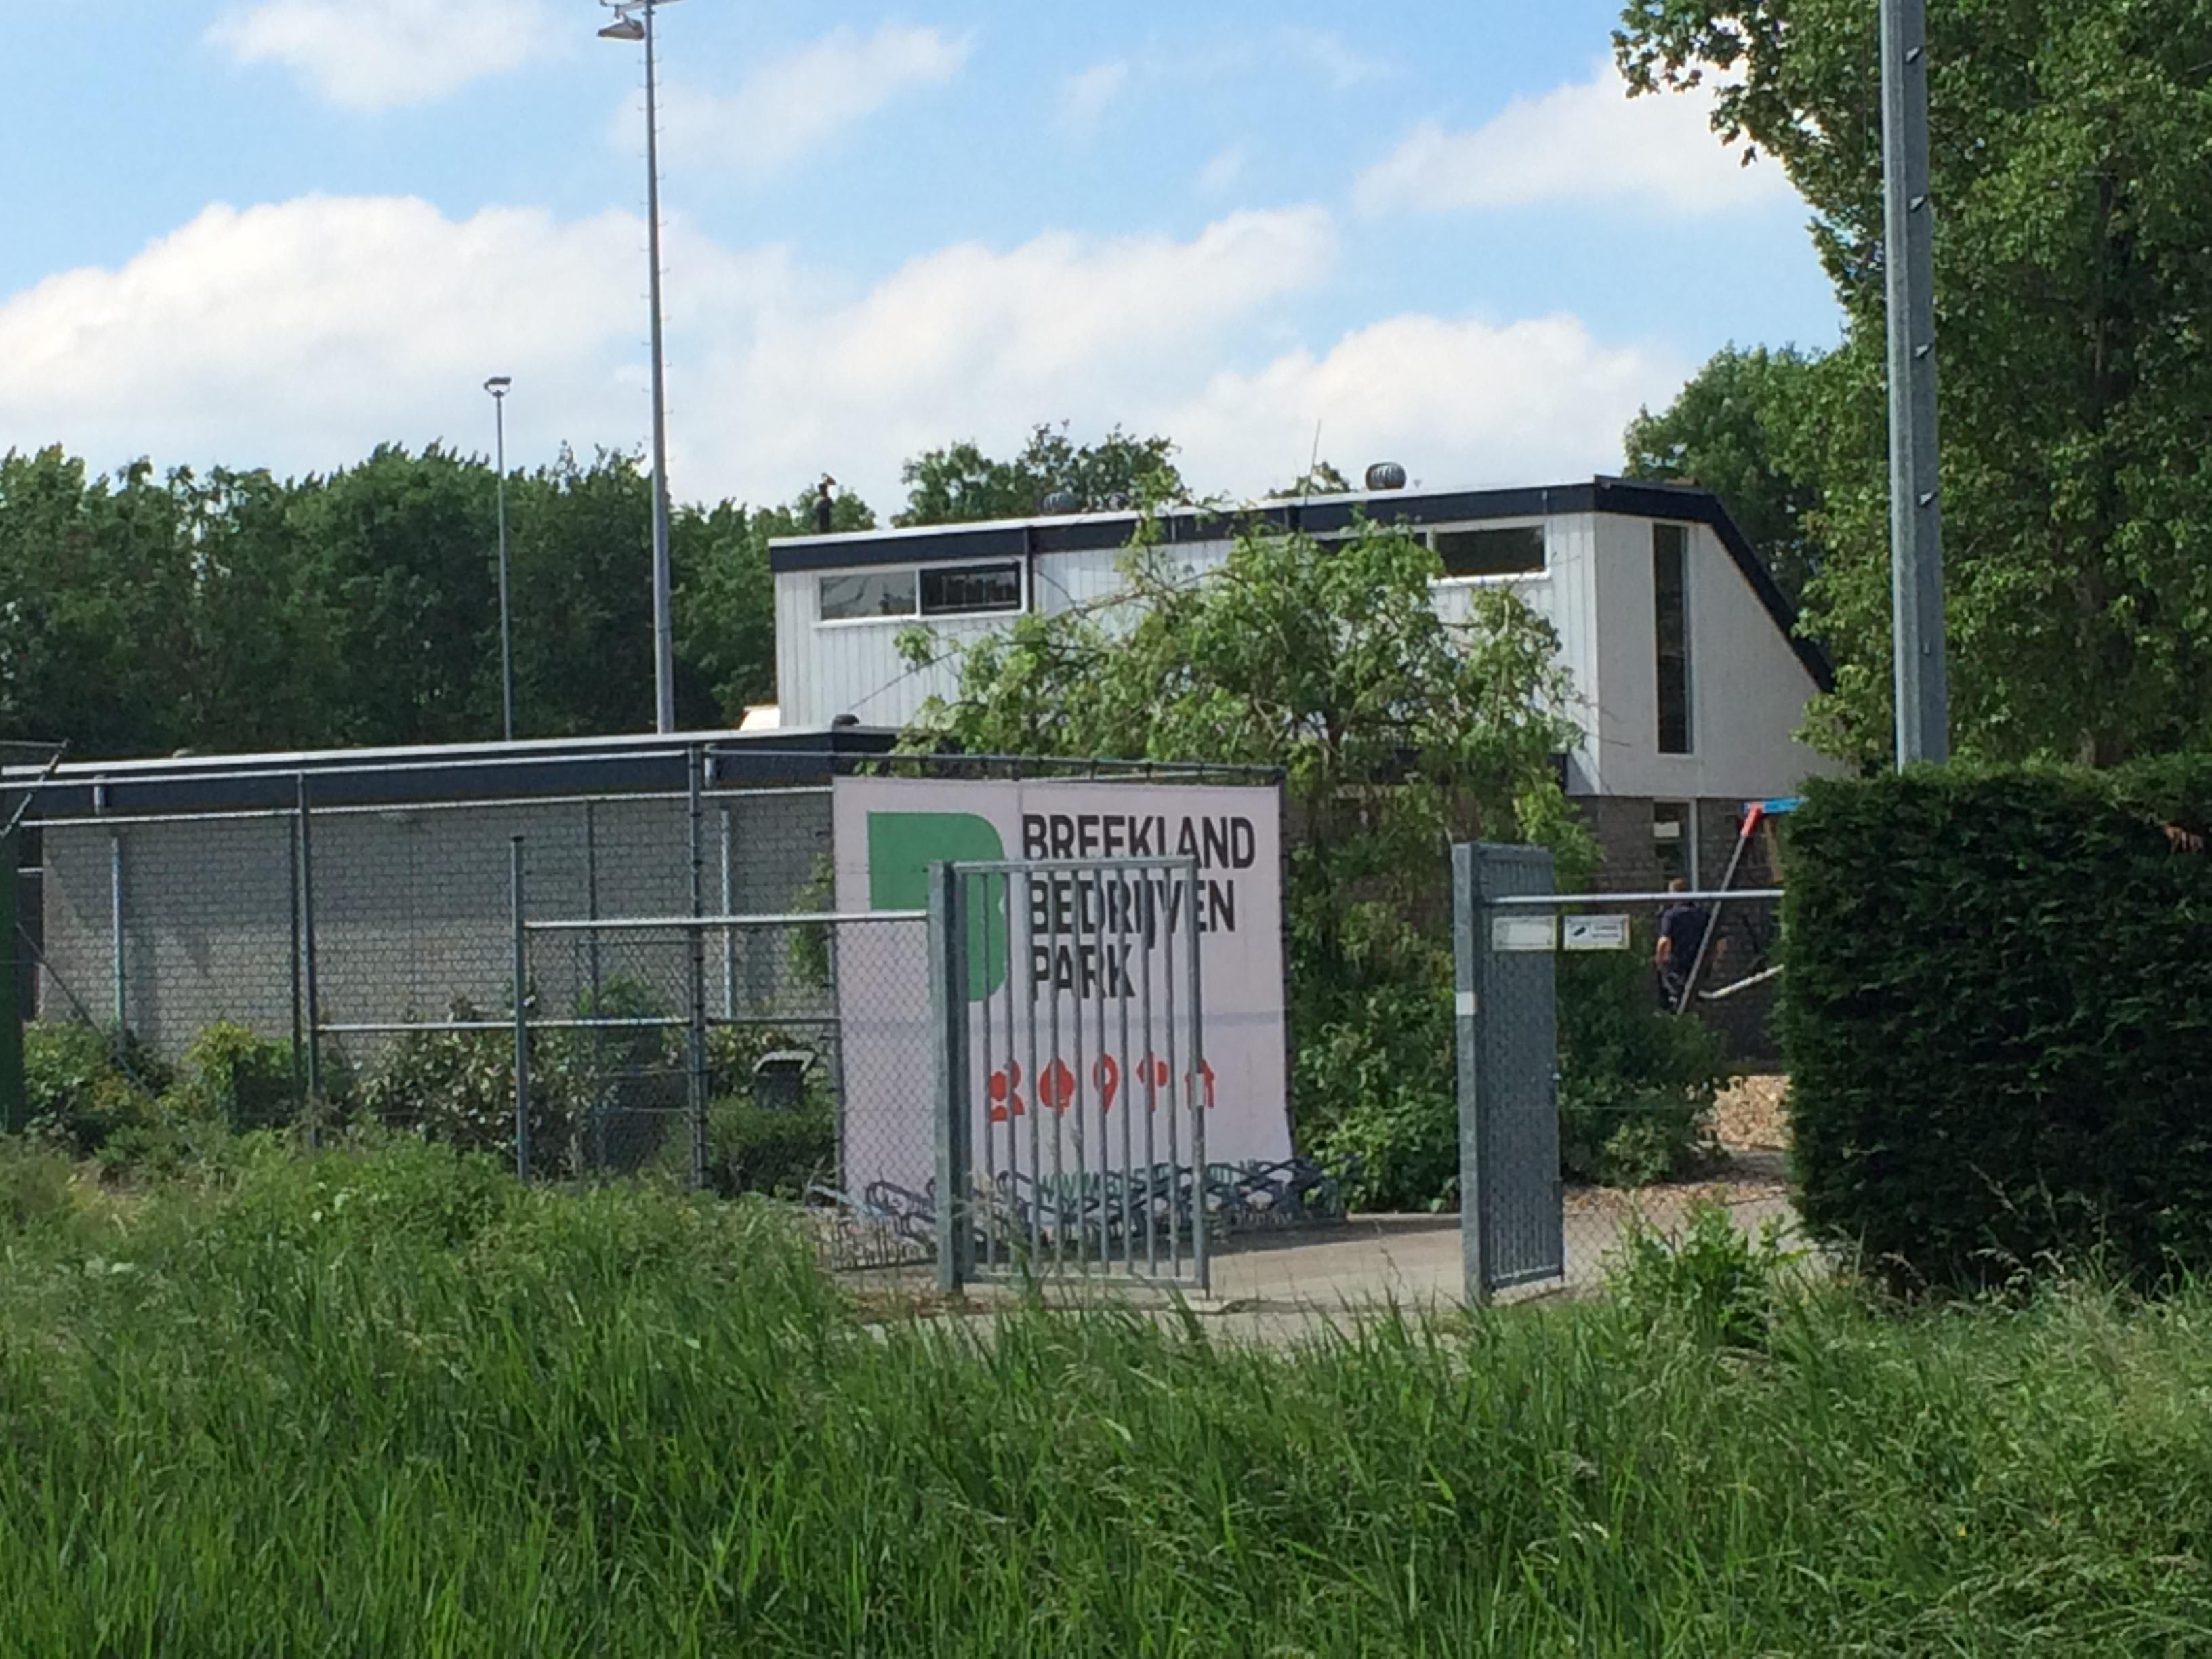 Breekland presenteert zich bij tennisvereniging Tulp